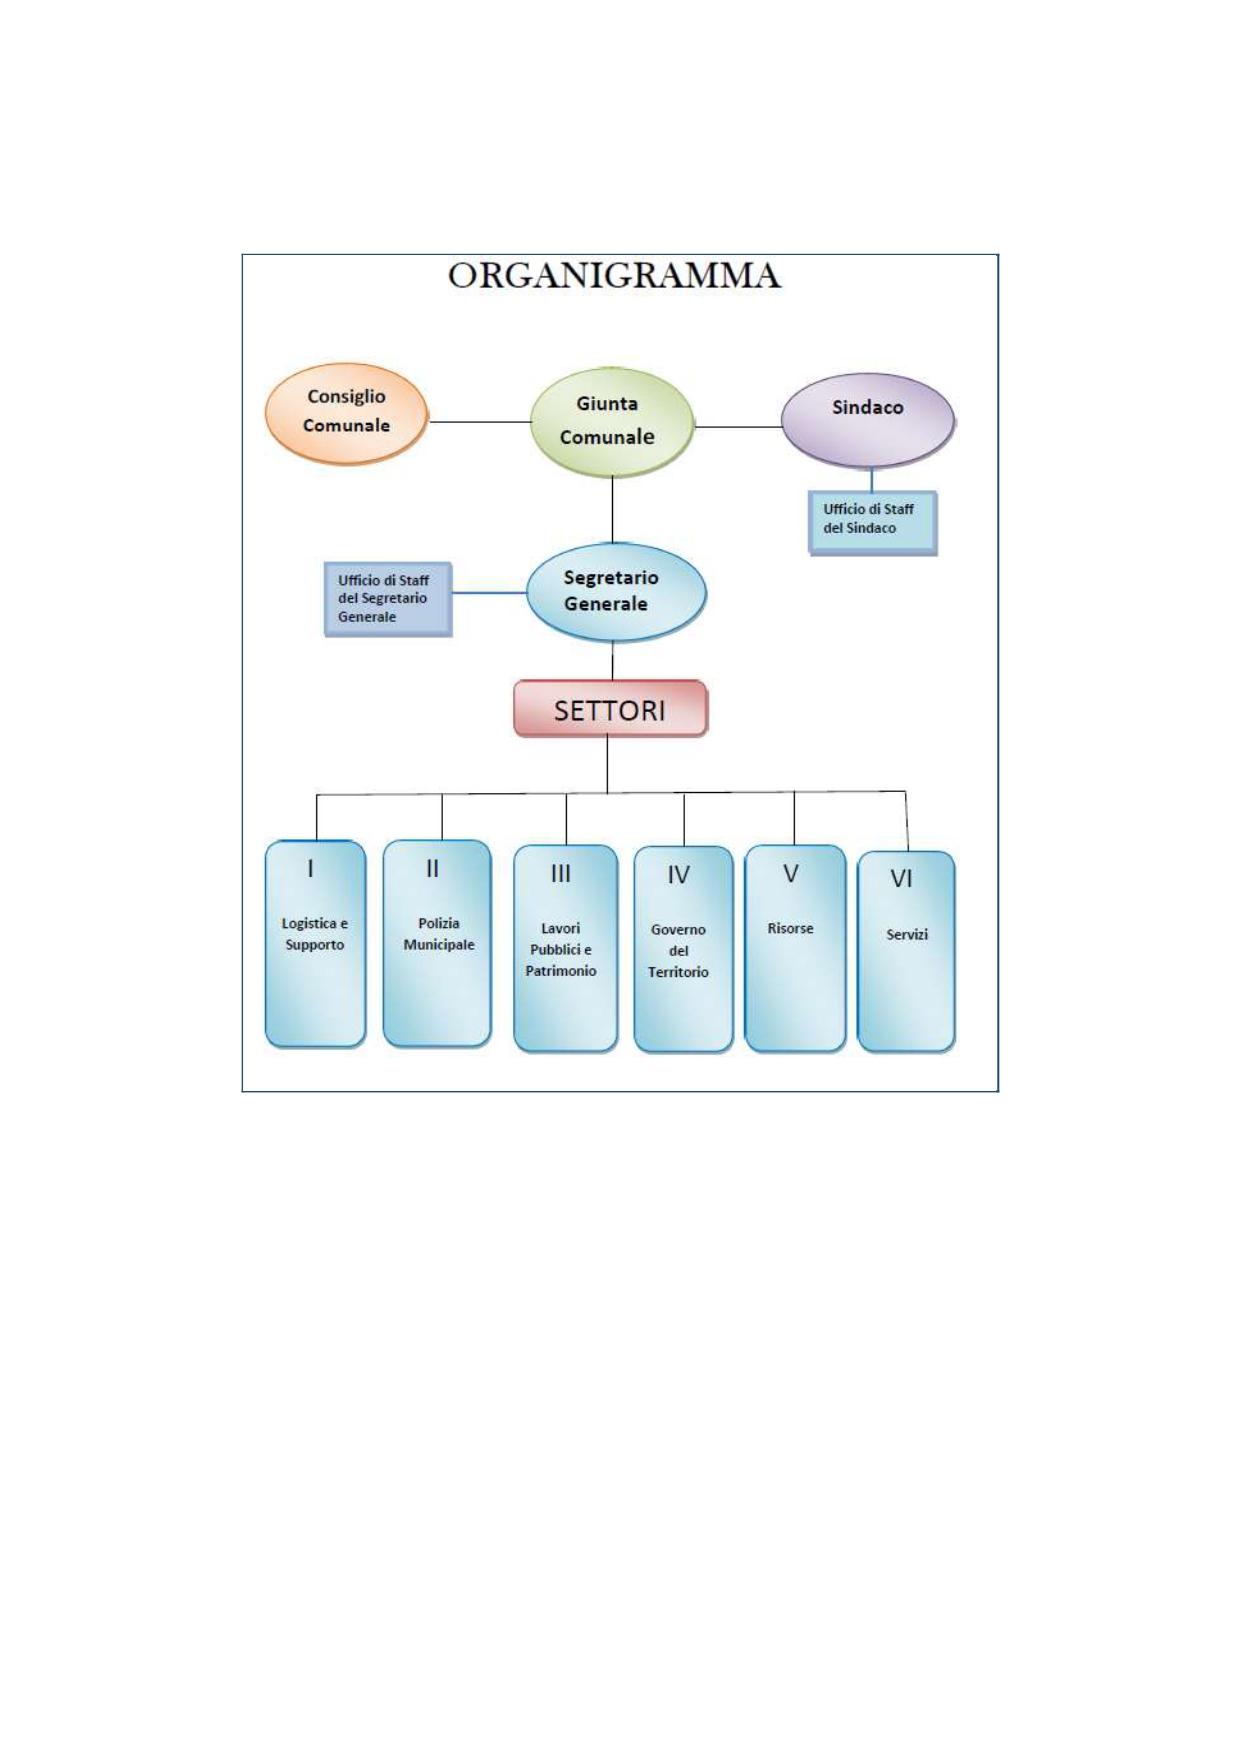 Organigramma Comune di Loreto